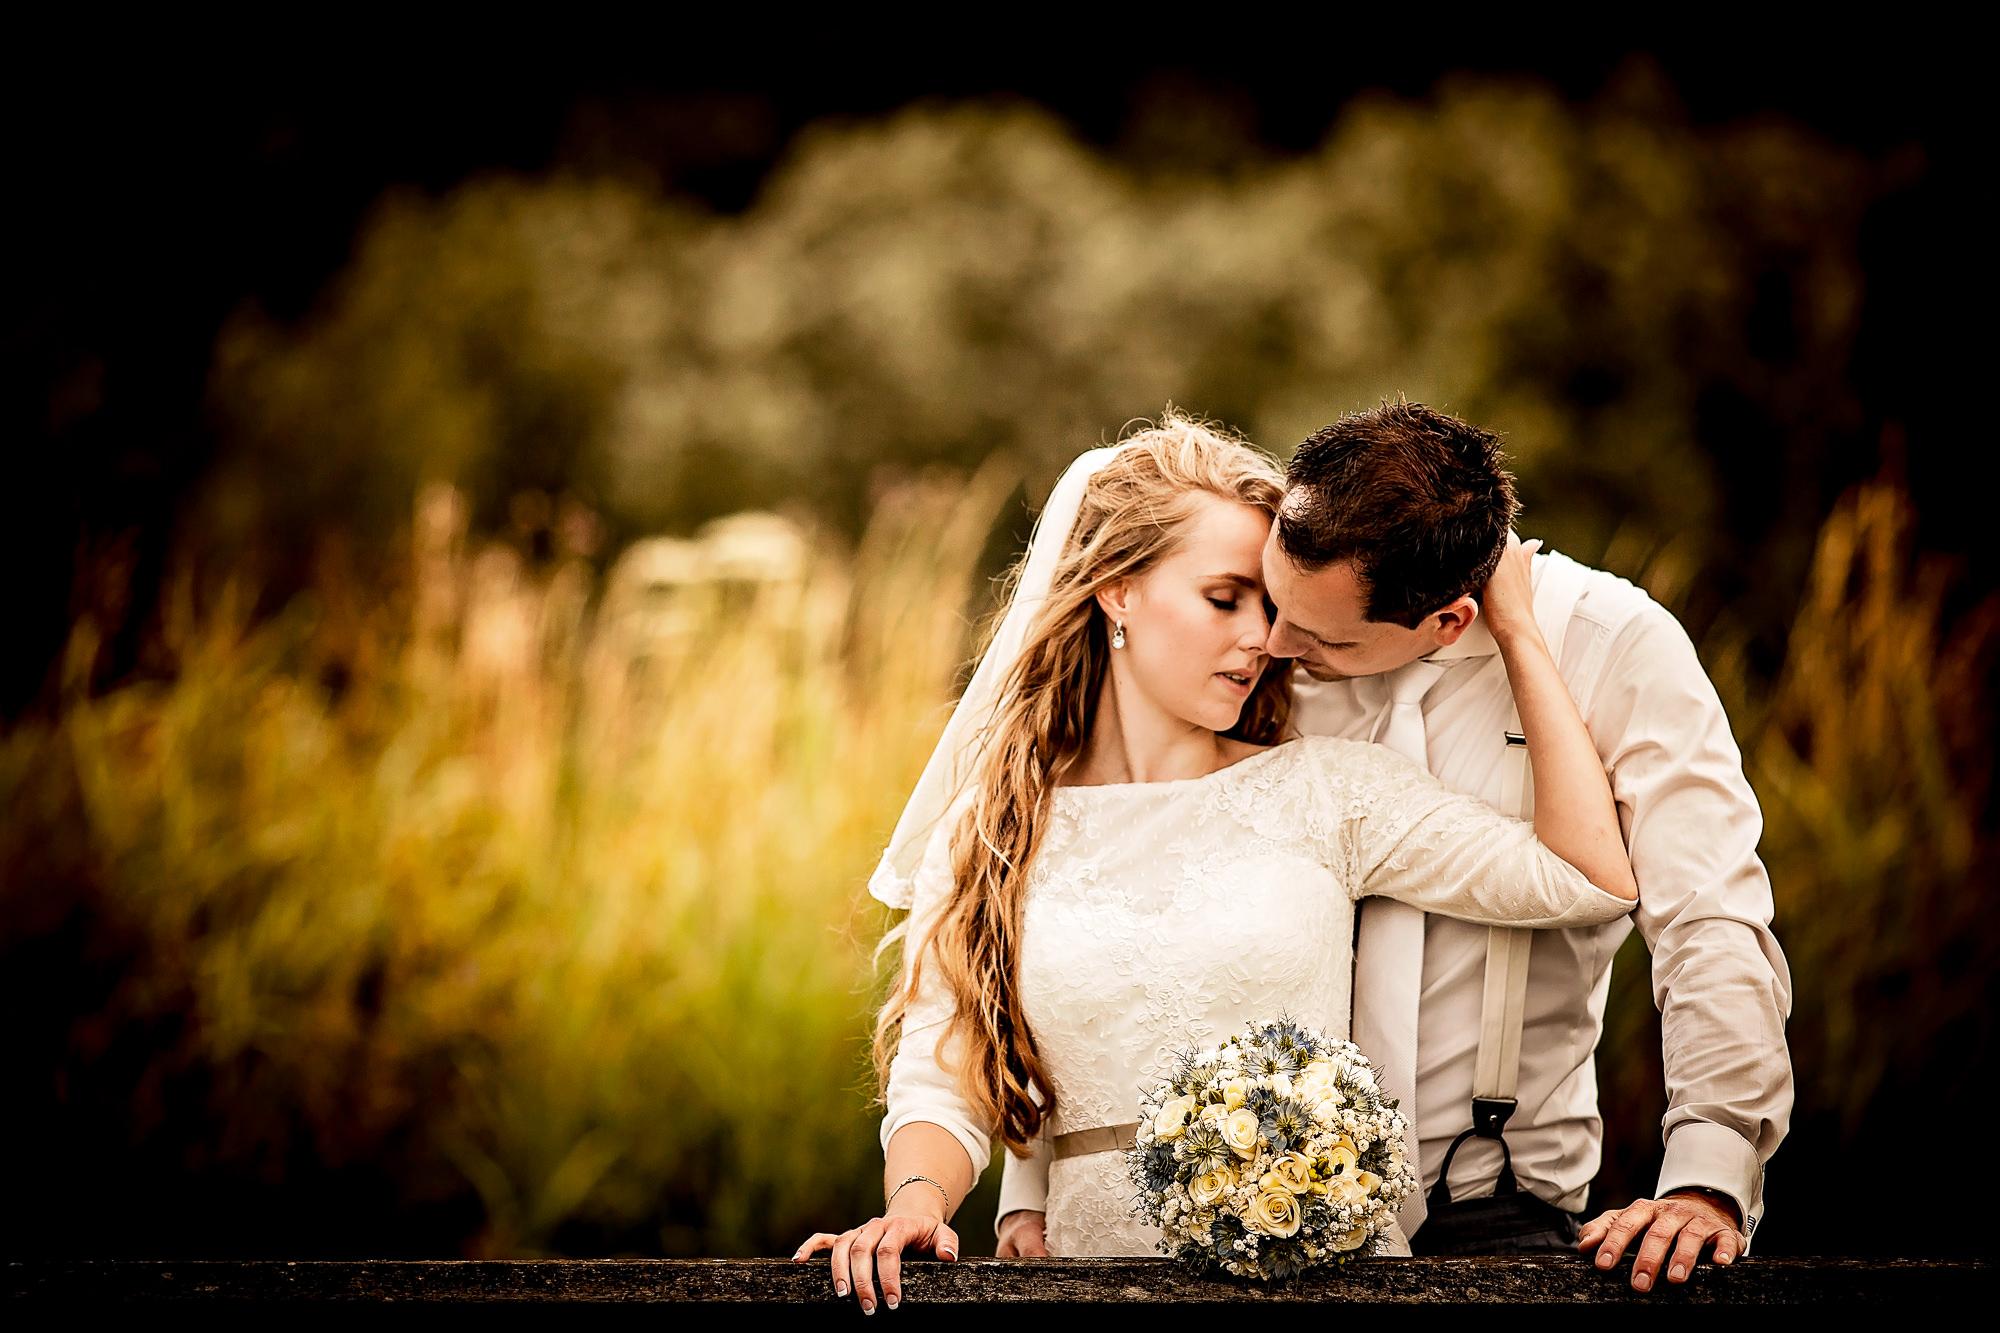 bruidsfotograaf dianne